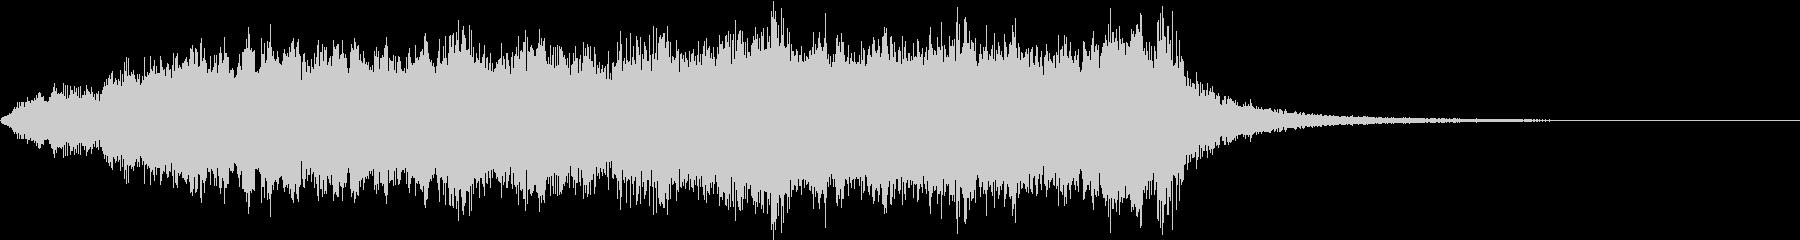 オーケストラのファンファーレジングル1の未再生の波形